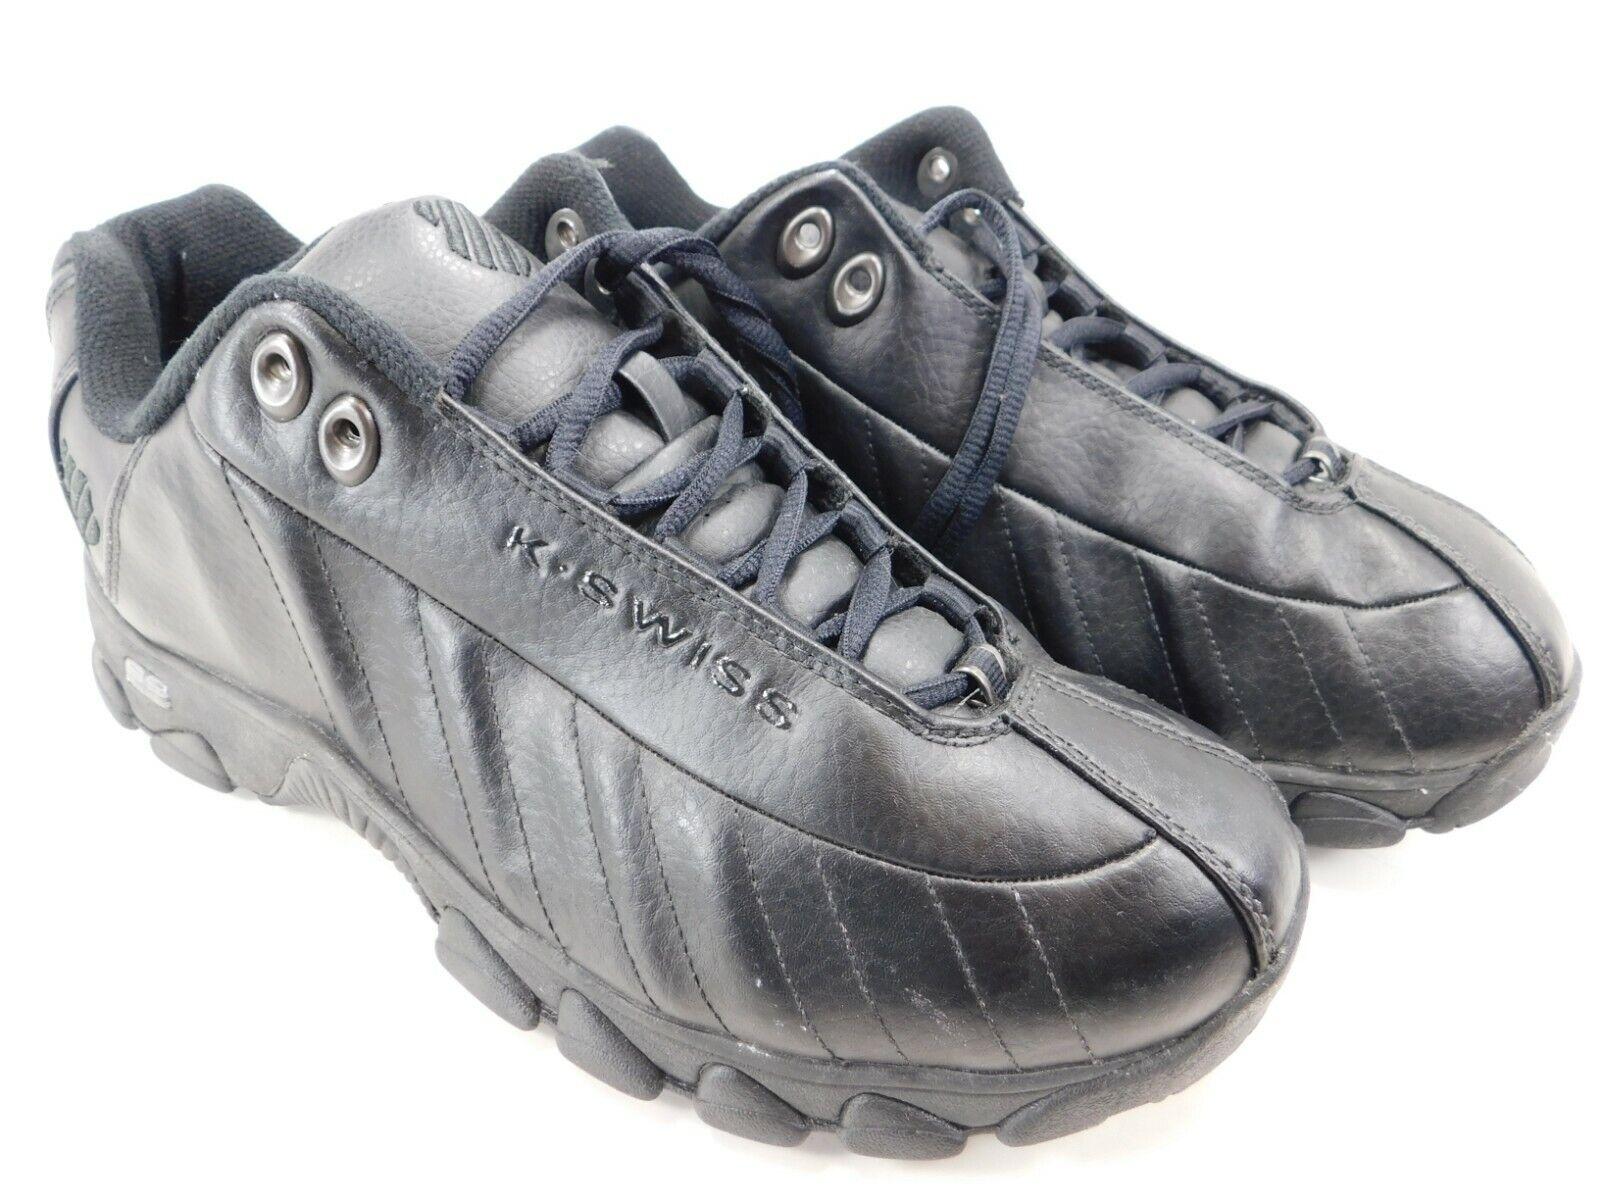 K-Swiss ST329 CMF tamaño 10 m (D) para hombres zapatos zapatillas de entrenamiento 03426-008